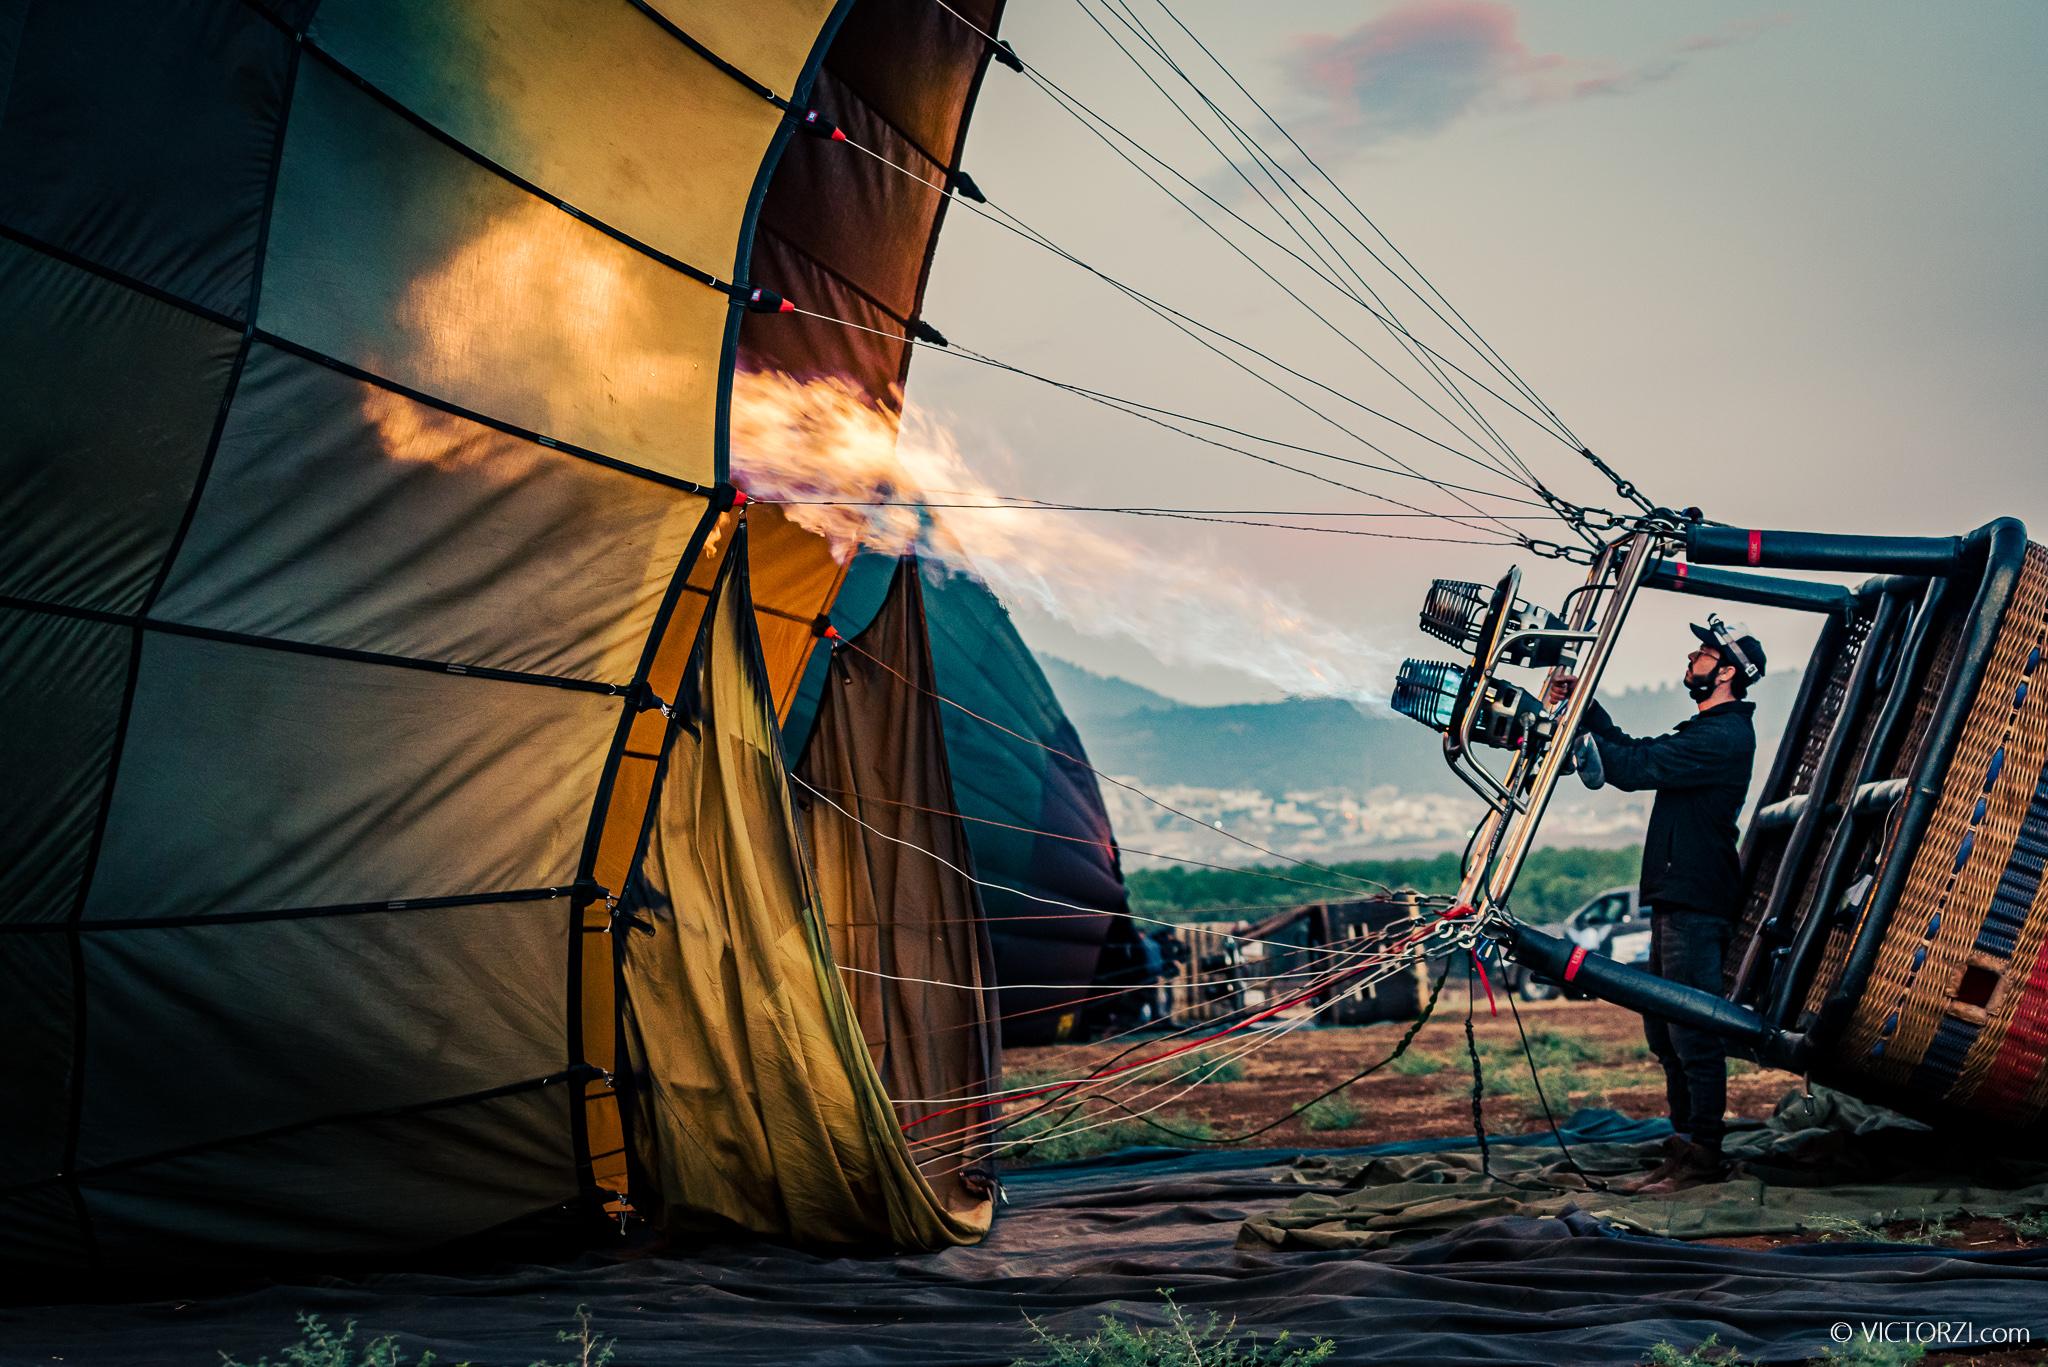 20201107 - Balloons in Gilboa - 065813